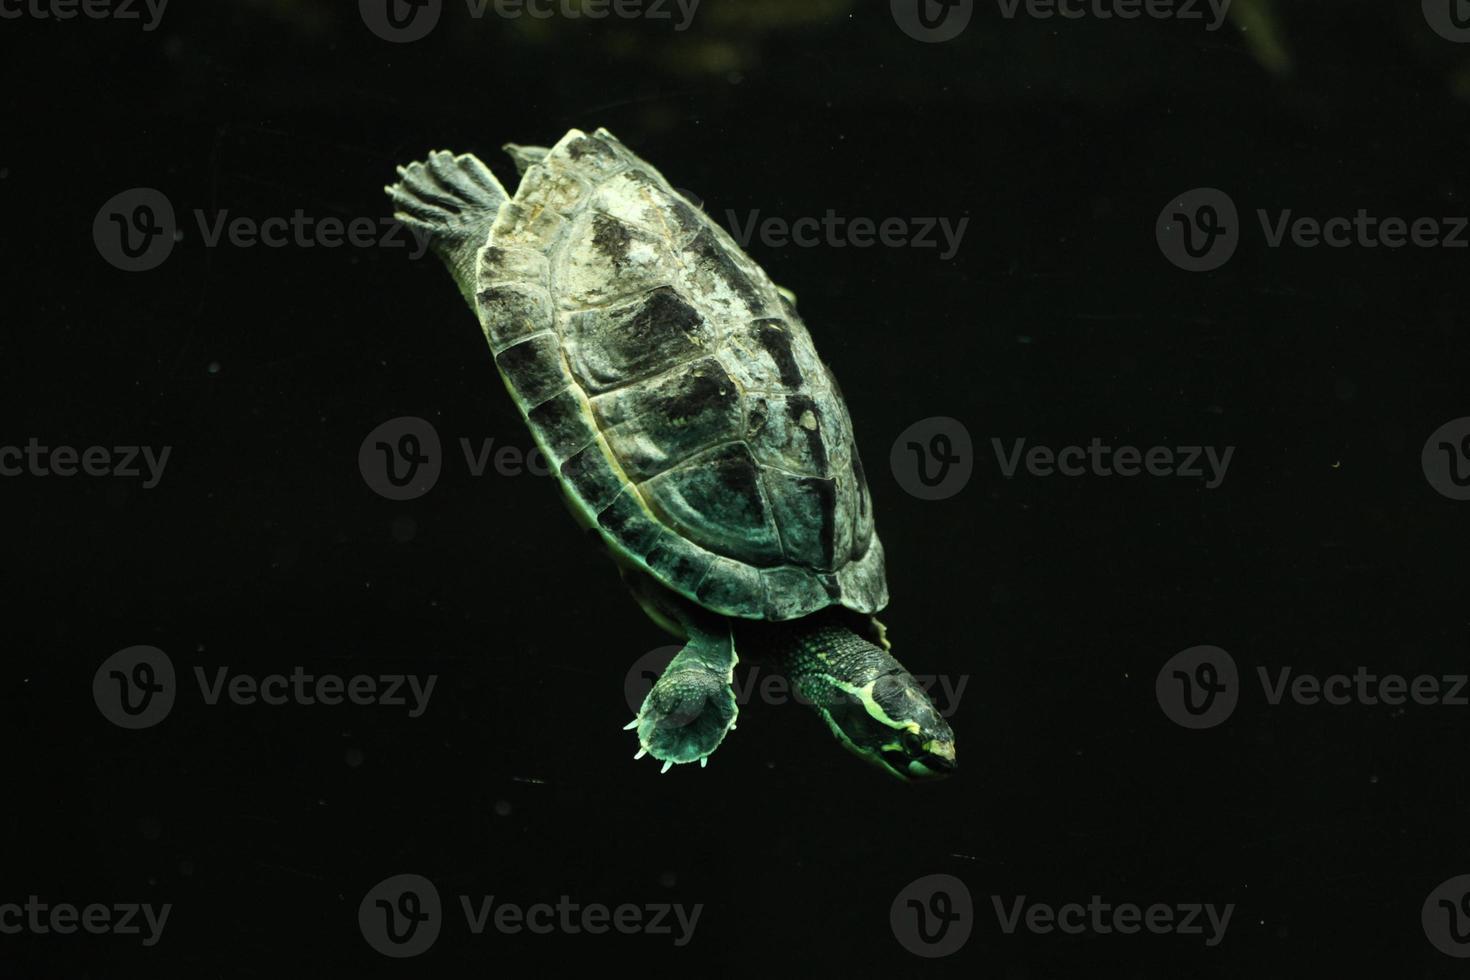 gekroonde rivier schildpad (hardella thurjii) foto